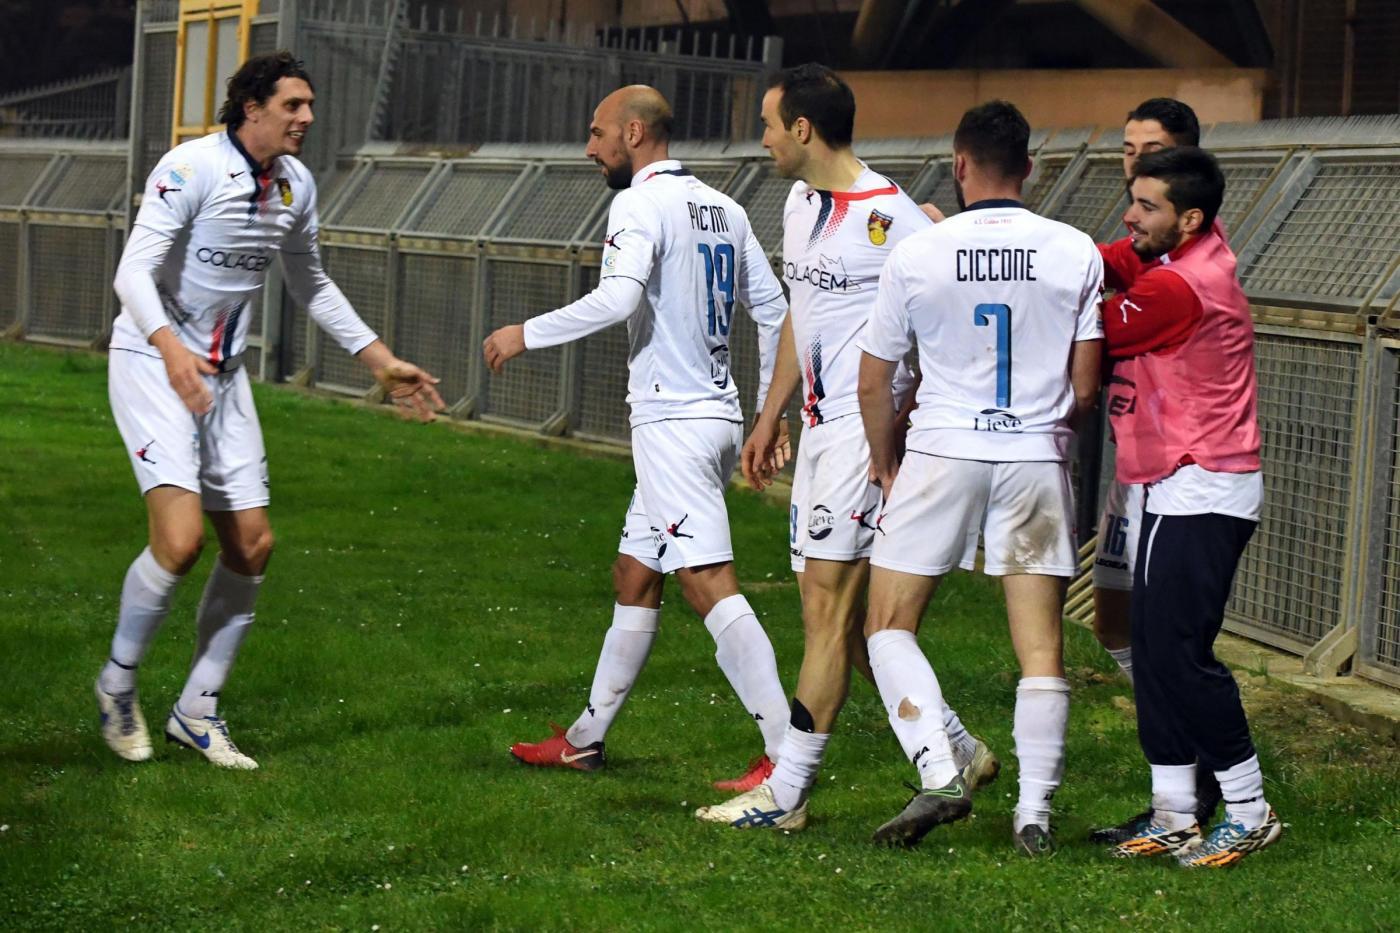 Serie C, Imolese-Gubbio 14 ottobre: analisi e pronostico della giornata della terza divisione calcistica italiana